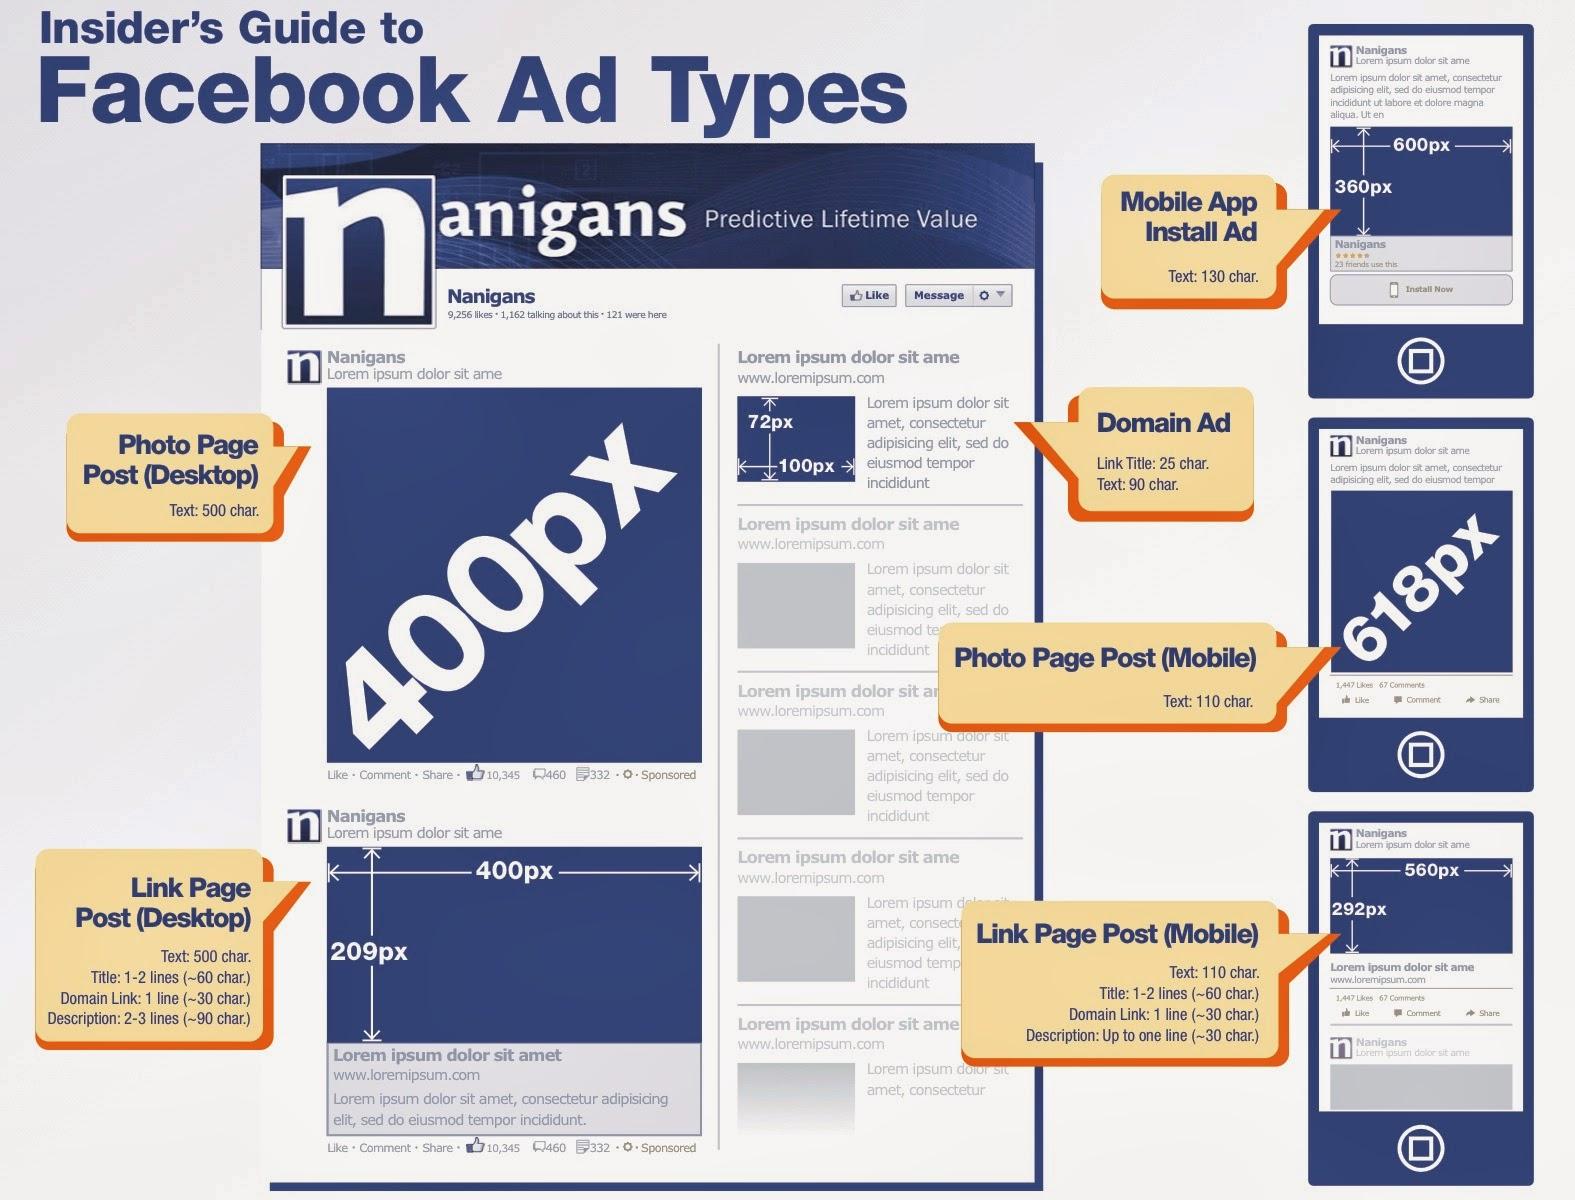 panduan gratis facebook advertising jenis dan tipe fbads